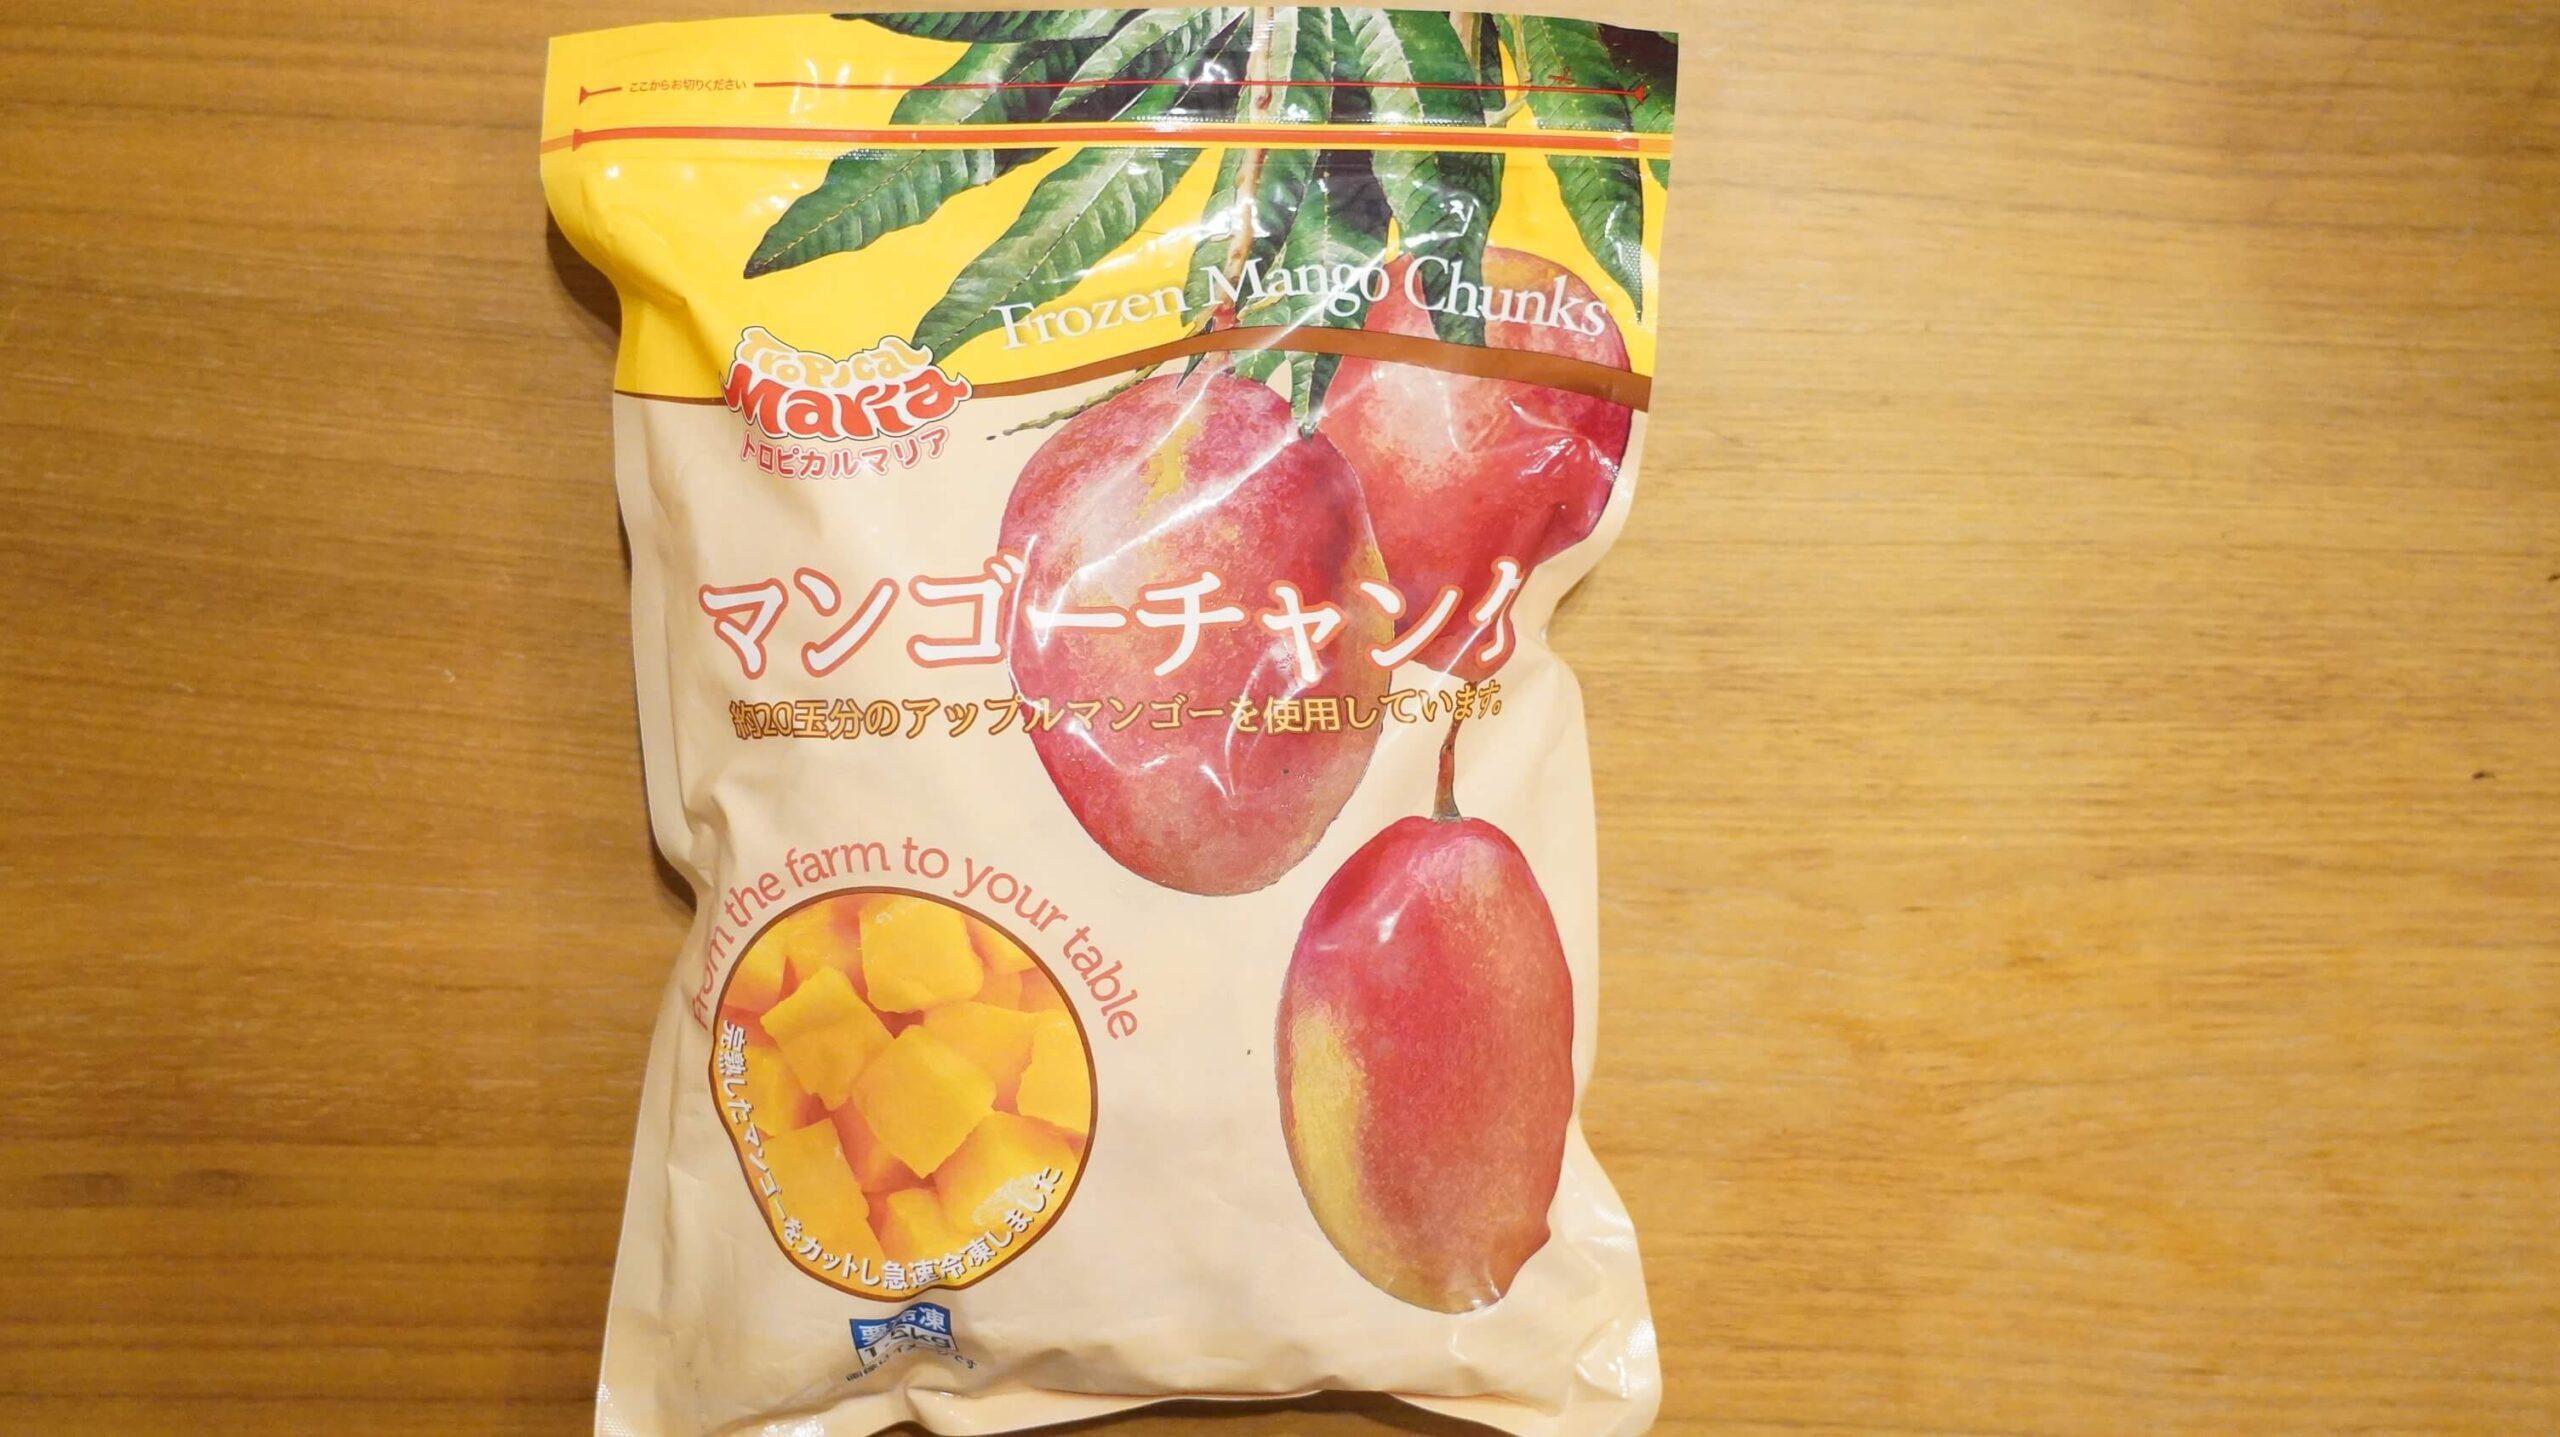 コストコの冷凍マンゴー「トロピカルマリア・マンゴーチャンク」のパッケージ写真